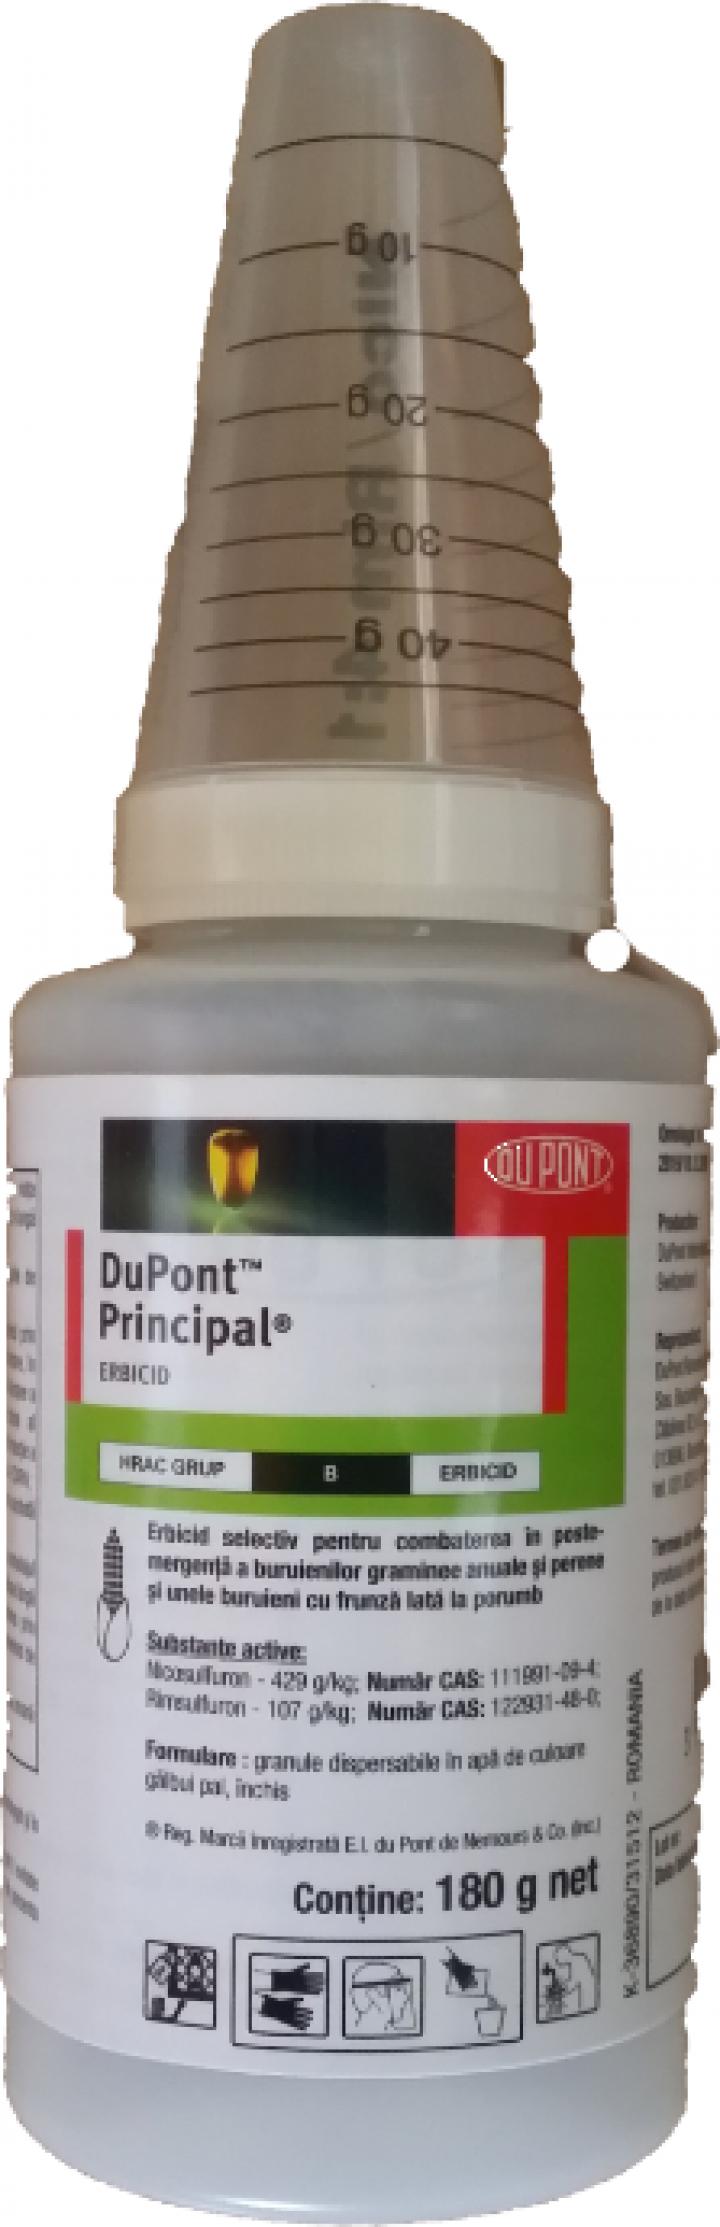 Erbicid Principal 180g - 2ha (DuPont)